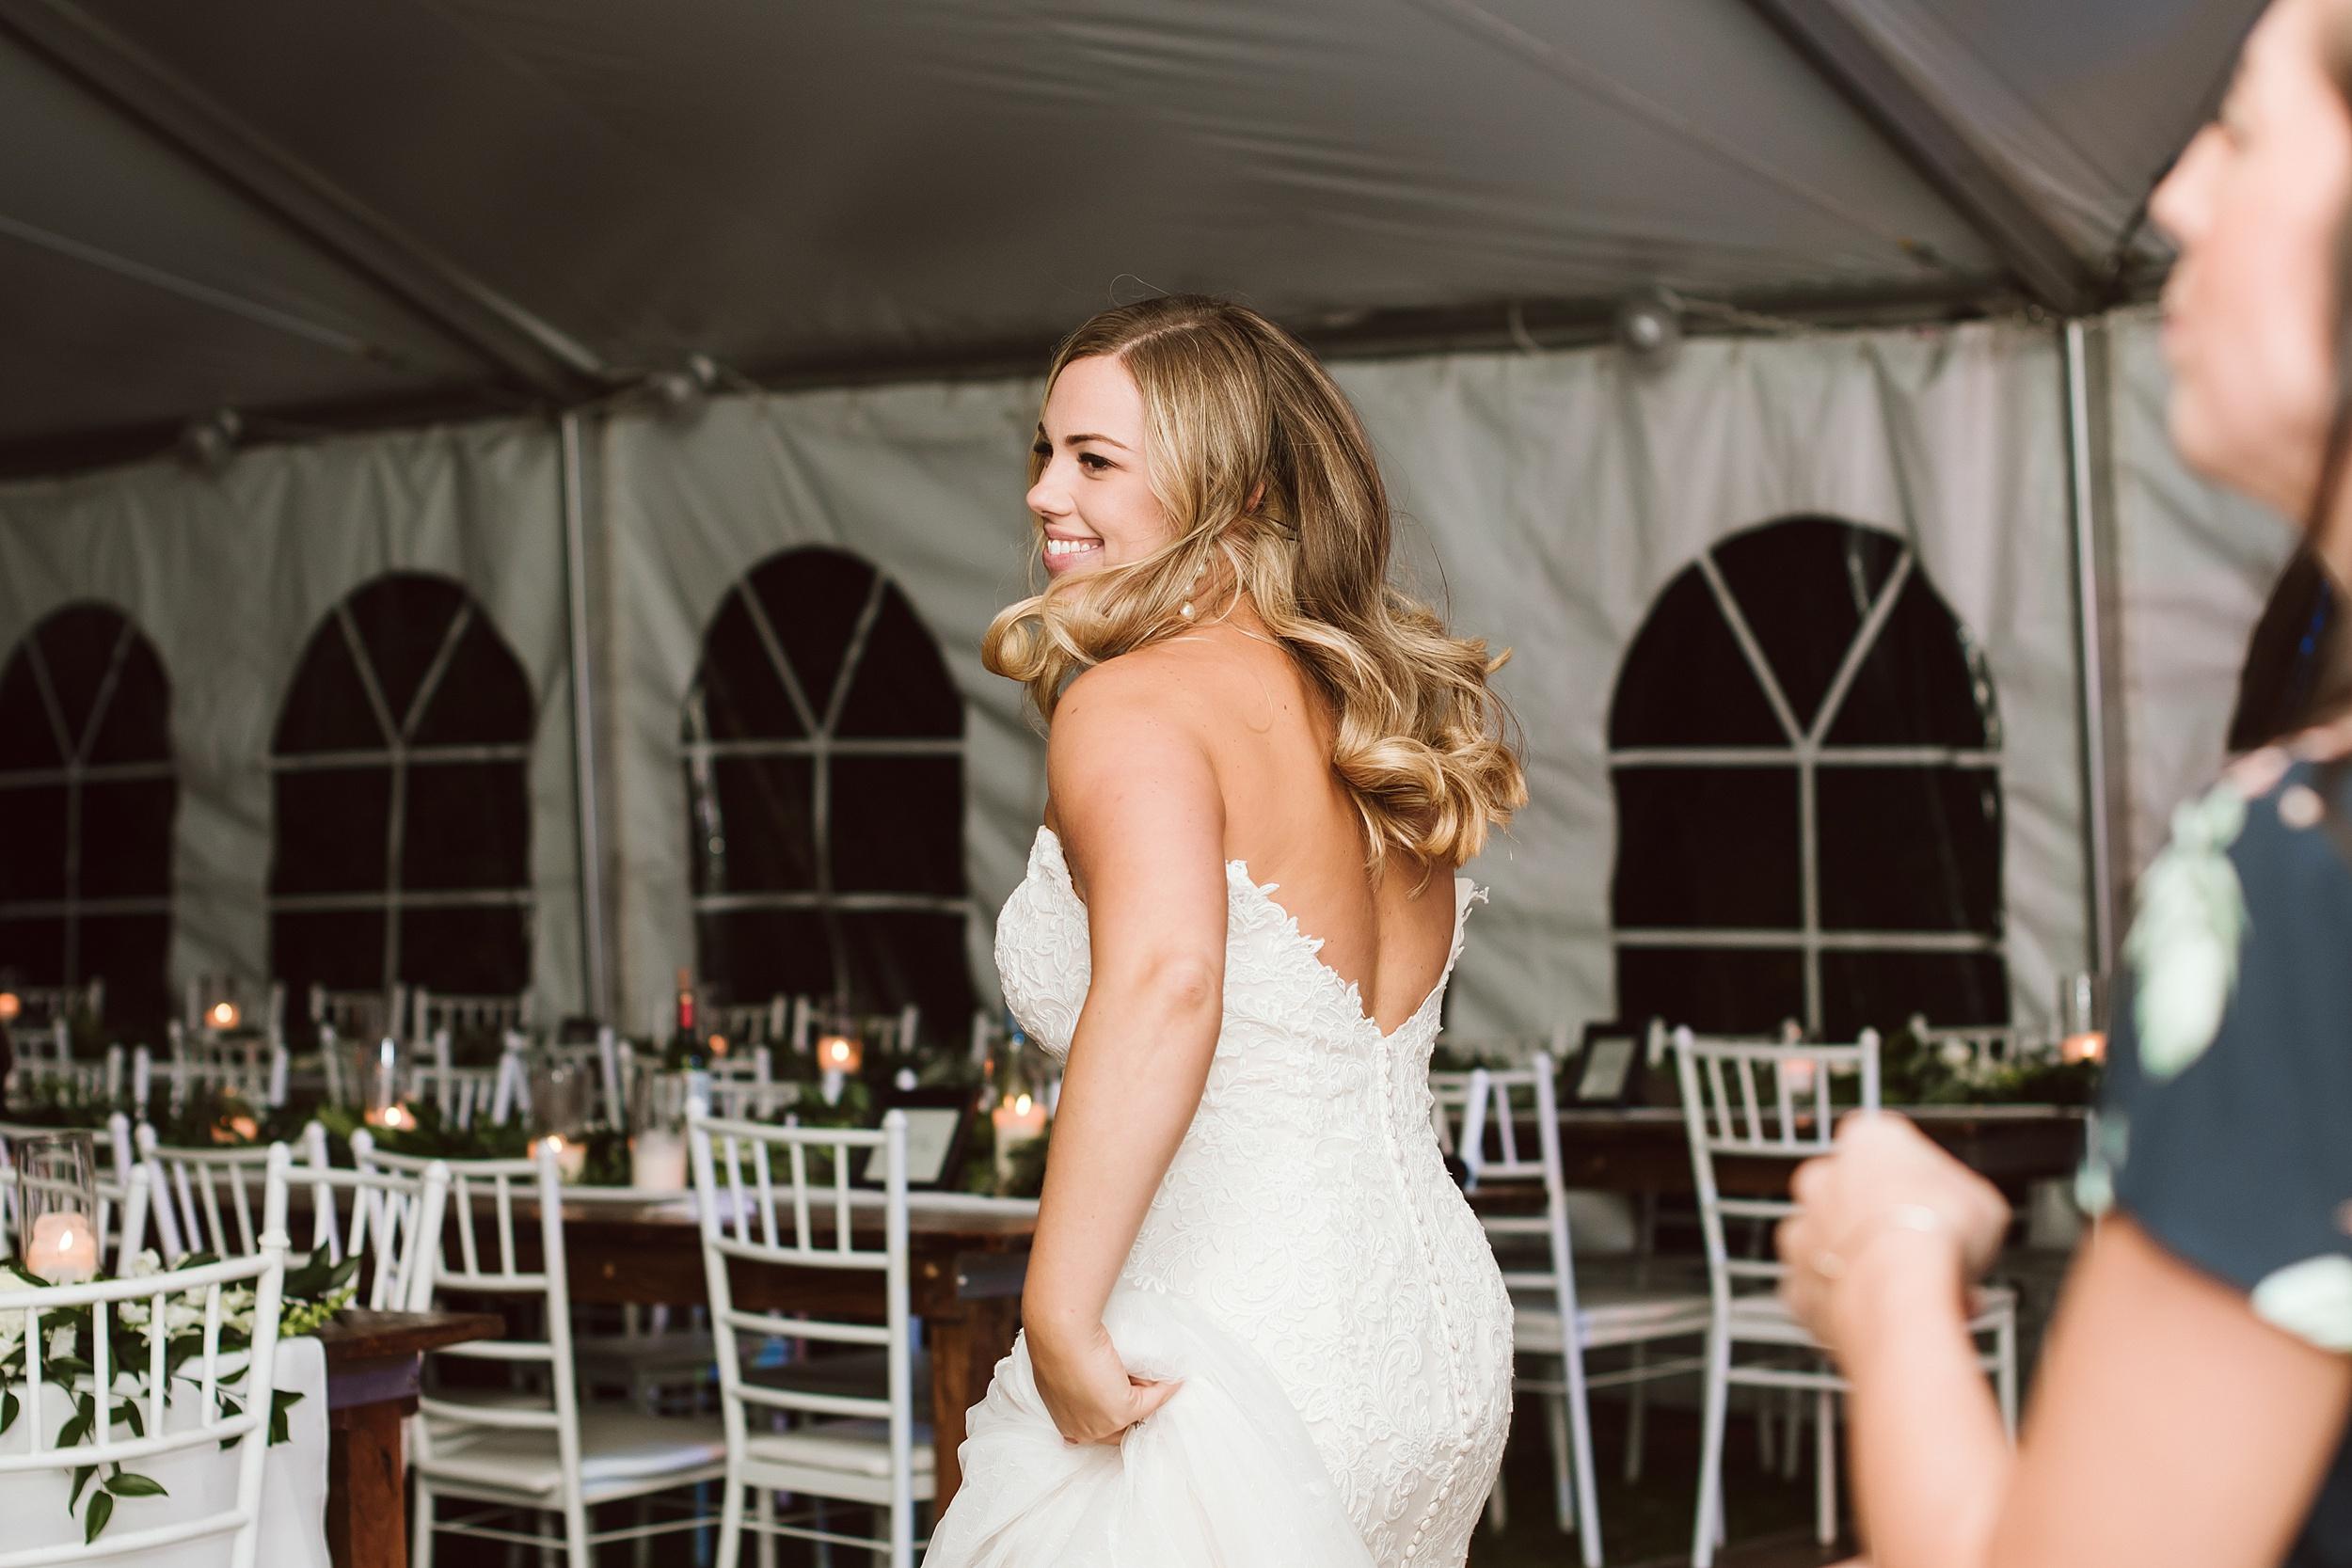 Rustic_Backyard_Wedding_Toronto_Photographer180.jpg